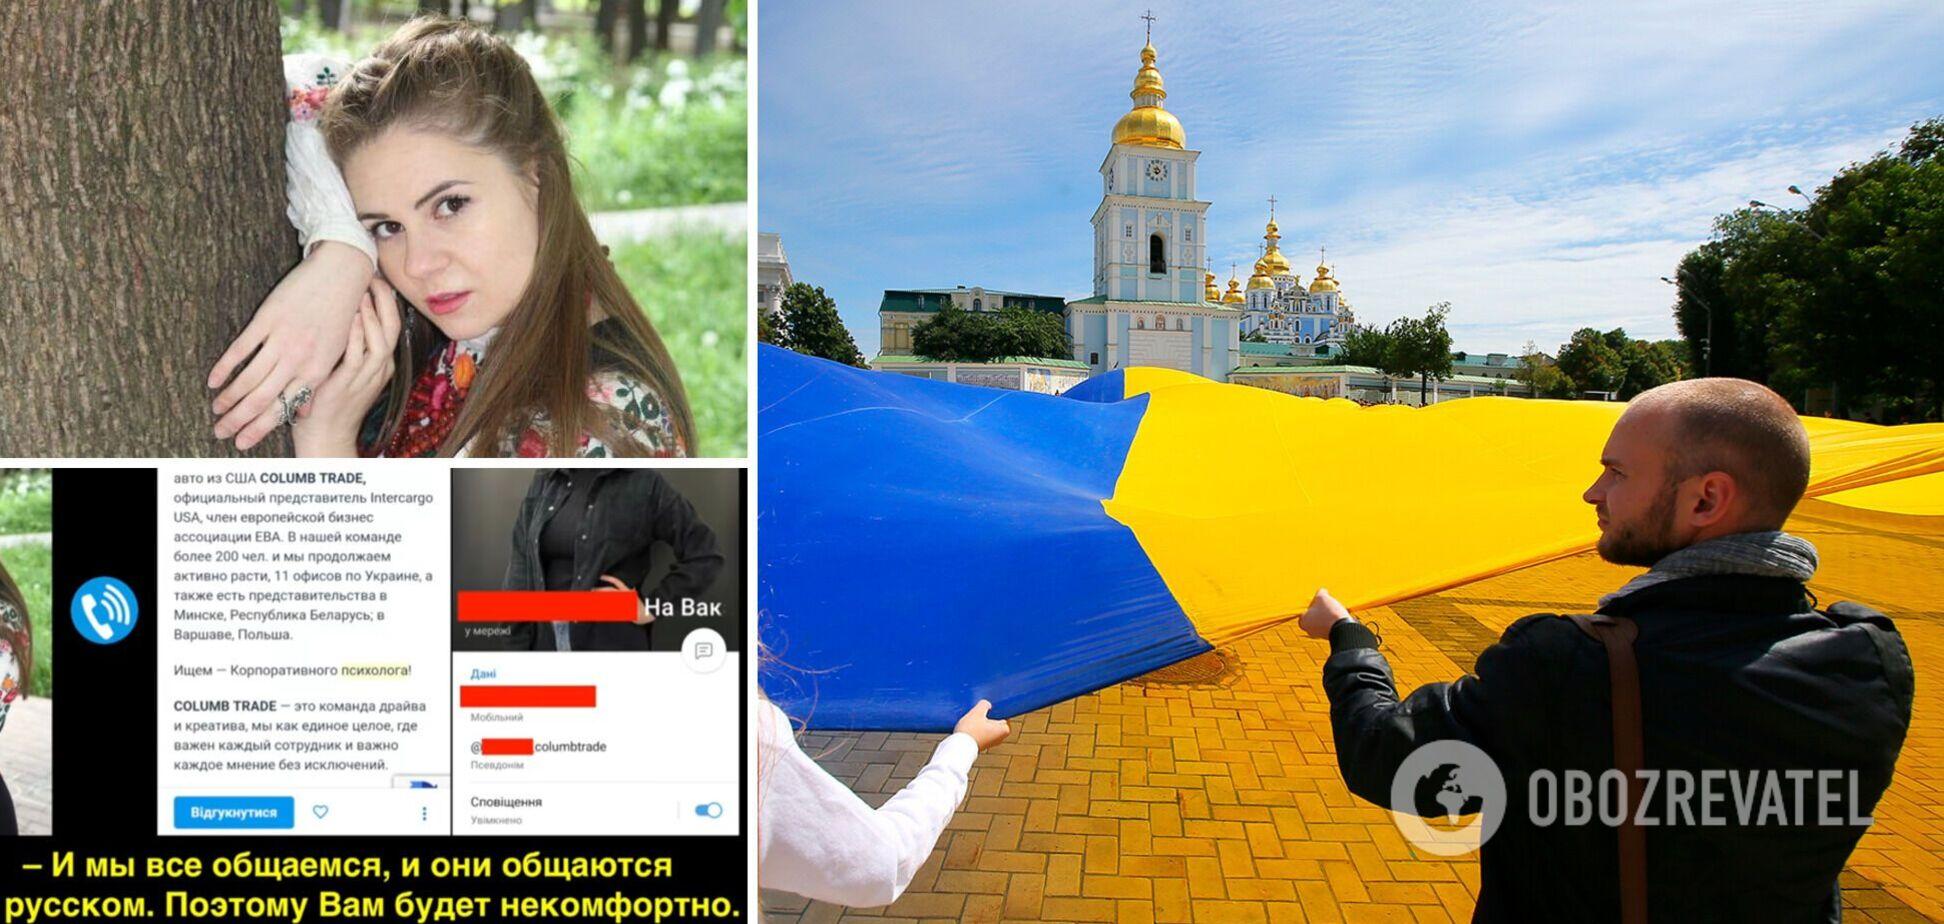 В Киеве компания отказалась нанимать девушку из-за украинского языка: скандал закончился увольнением. Видео